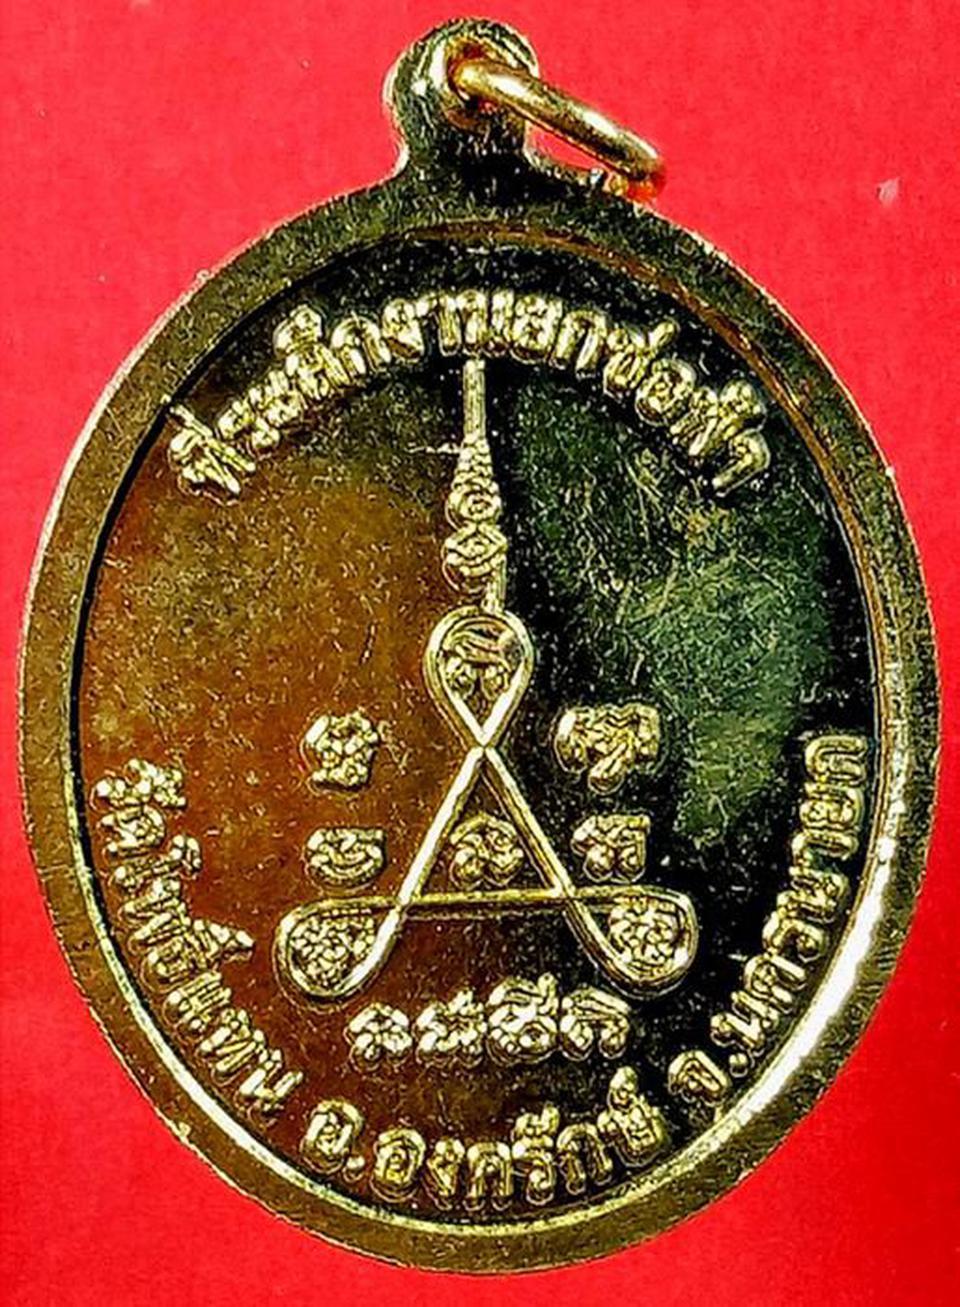 เหรียญหลวงพ่อเกิด วัดโพธิ์แทน องศรักษ์ รูปที่ 1